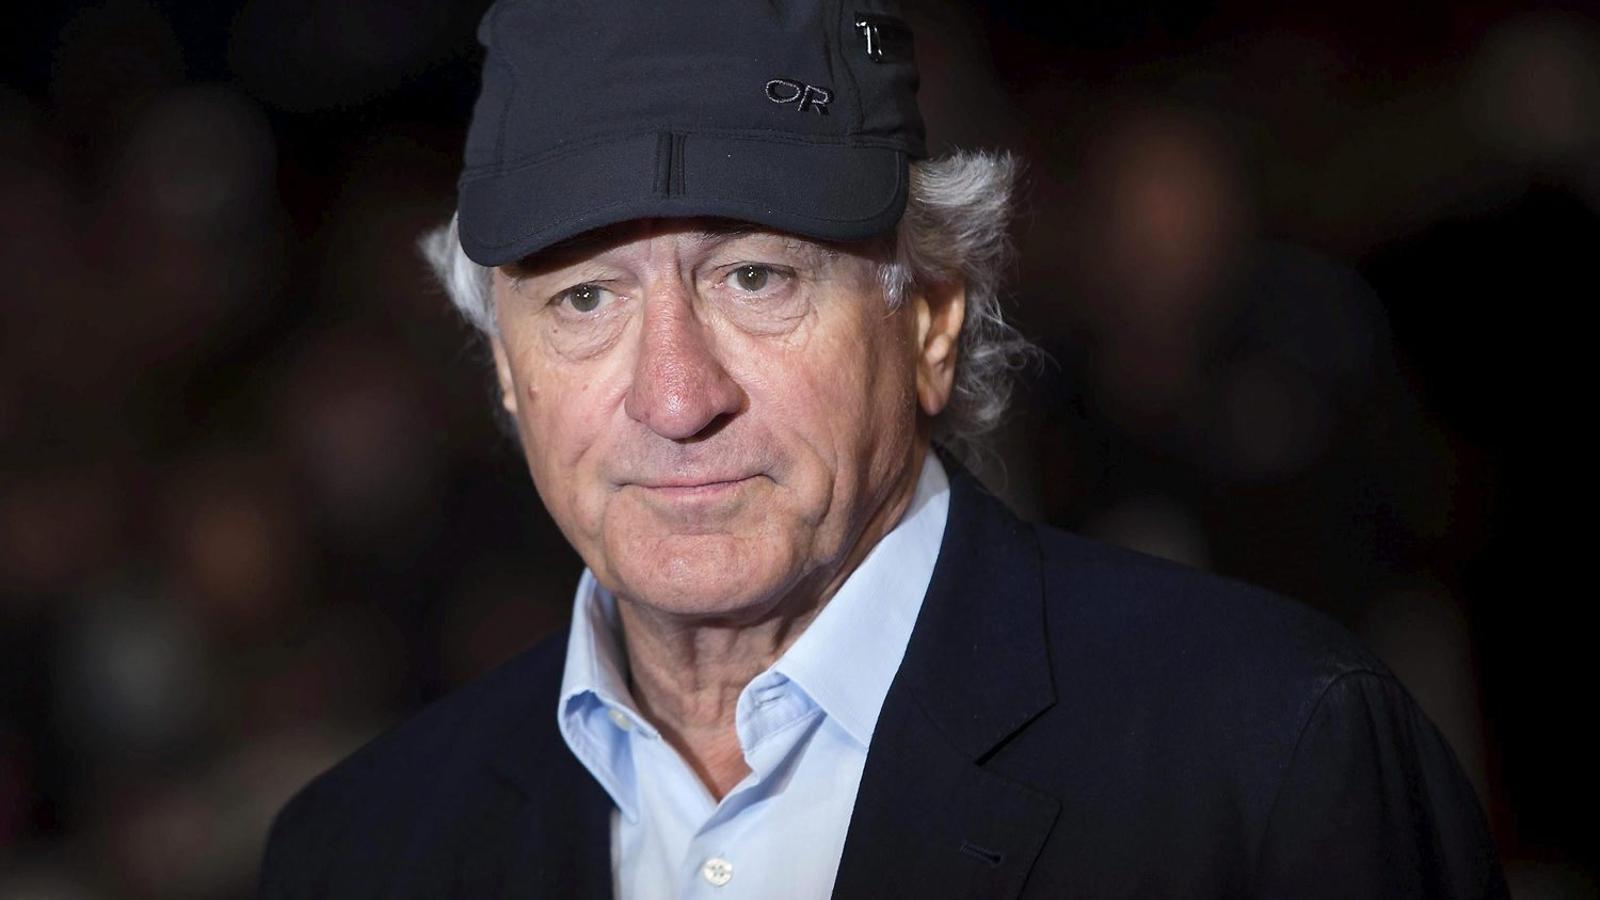 Robert De Niro demanda una treballadora per veure 55 episodis de 'Friends' en horari laboral